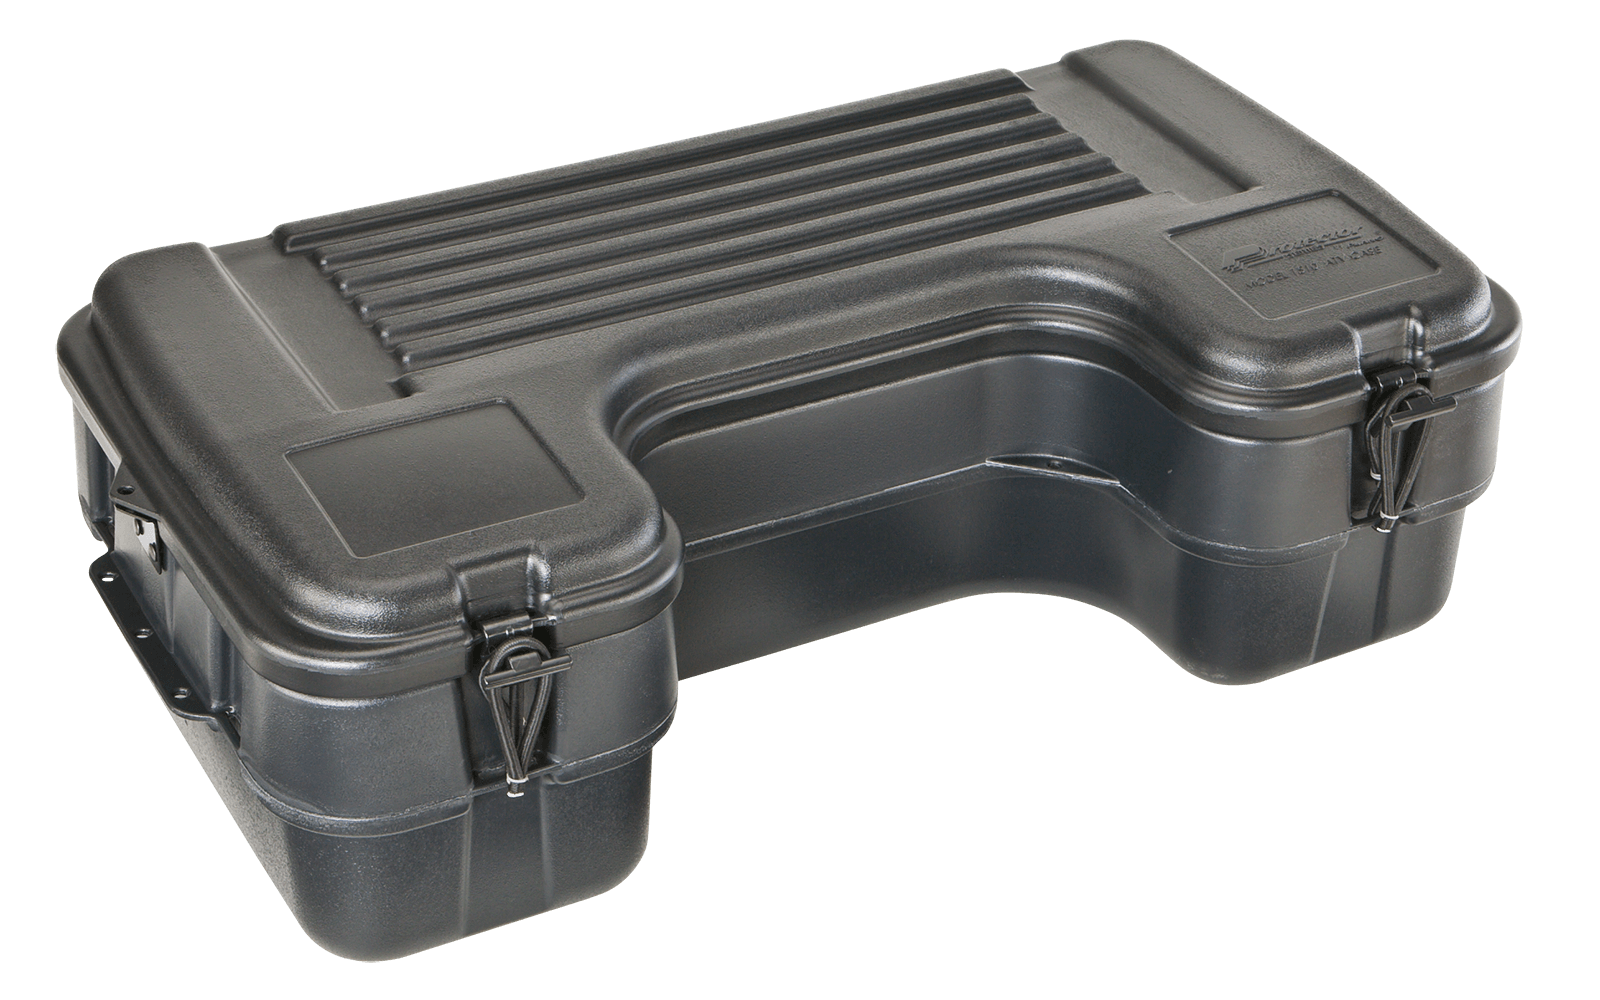 Ящик ATV 1510 багажный Plano цена и фото